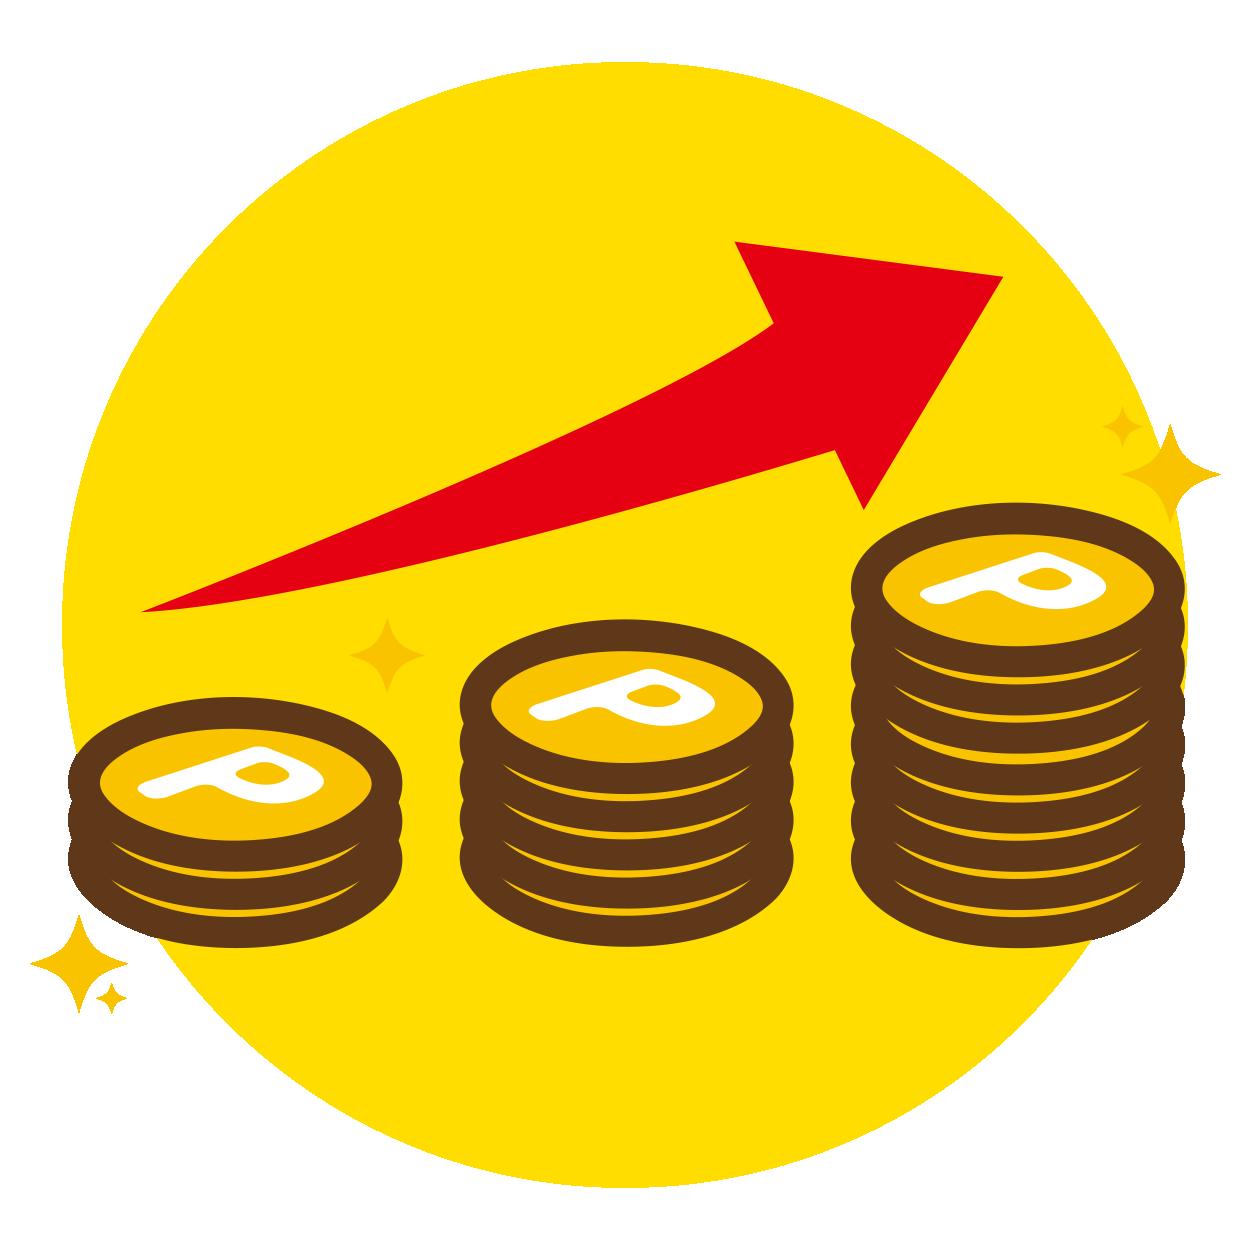 物件市場ポイントサービス:毎日18ポイント増える!